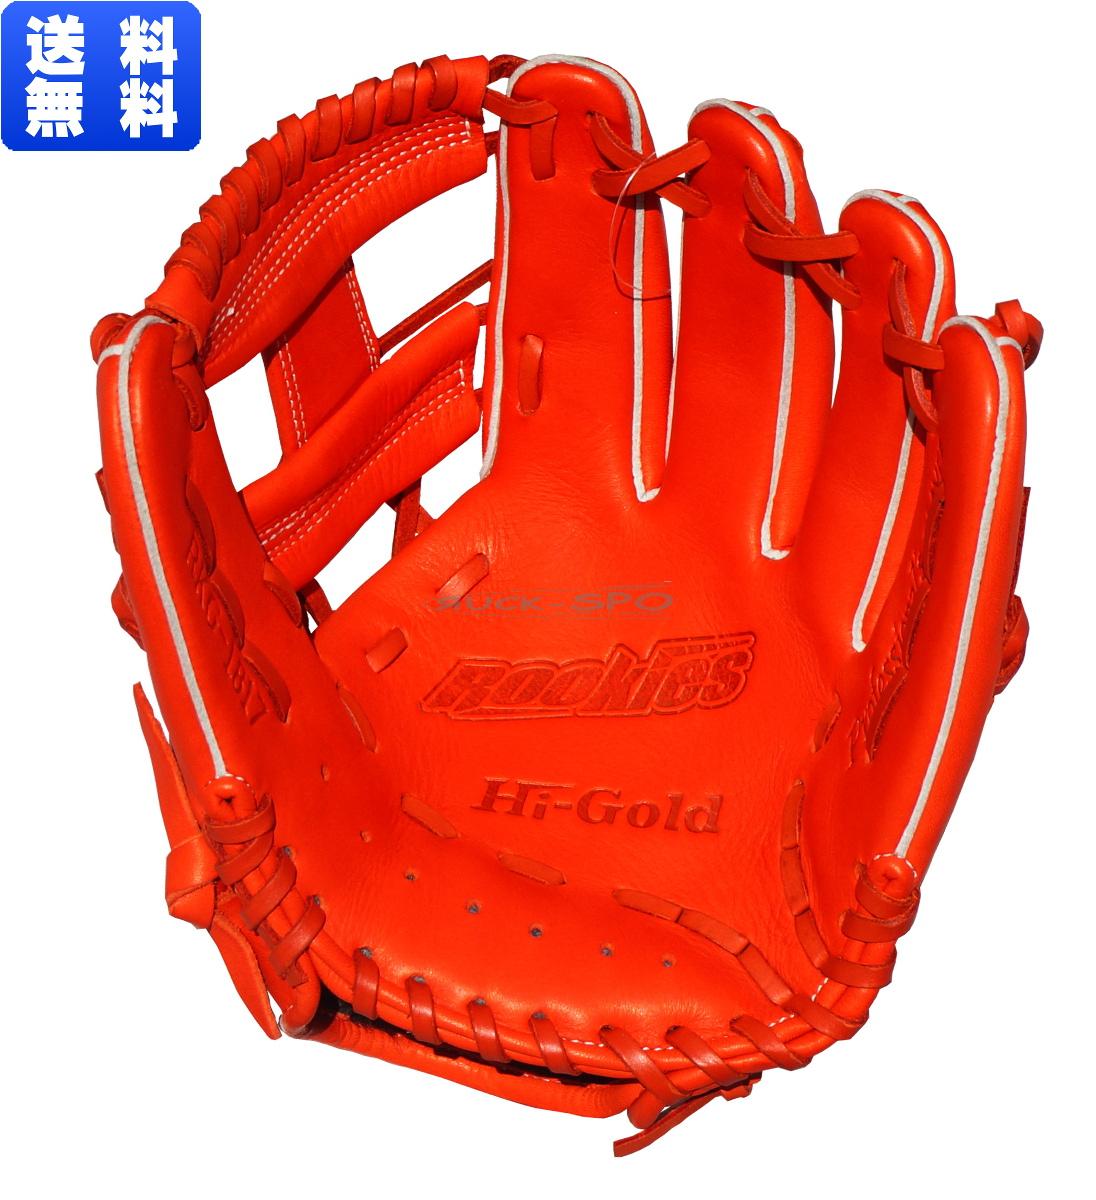 送料無料 2018年モデル ハイゴールド HI-GOLD S-Mサイズ 軟式 グラブ グローブ オレンジ 橙 少年 野球 RKG1817